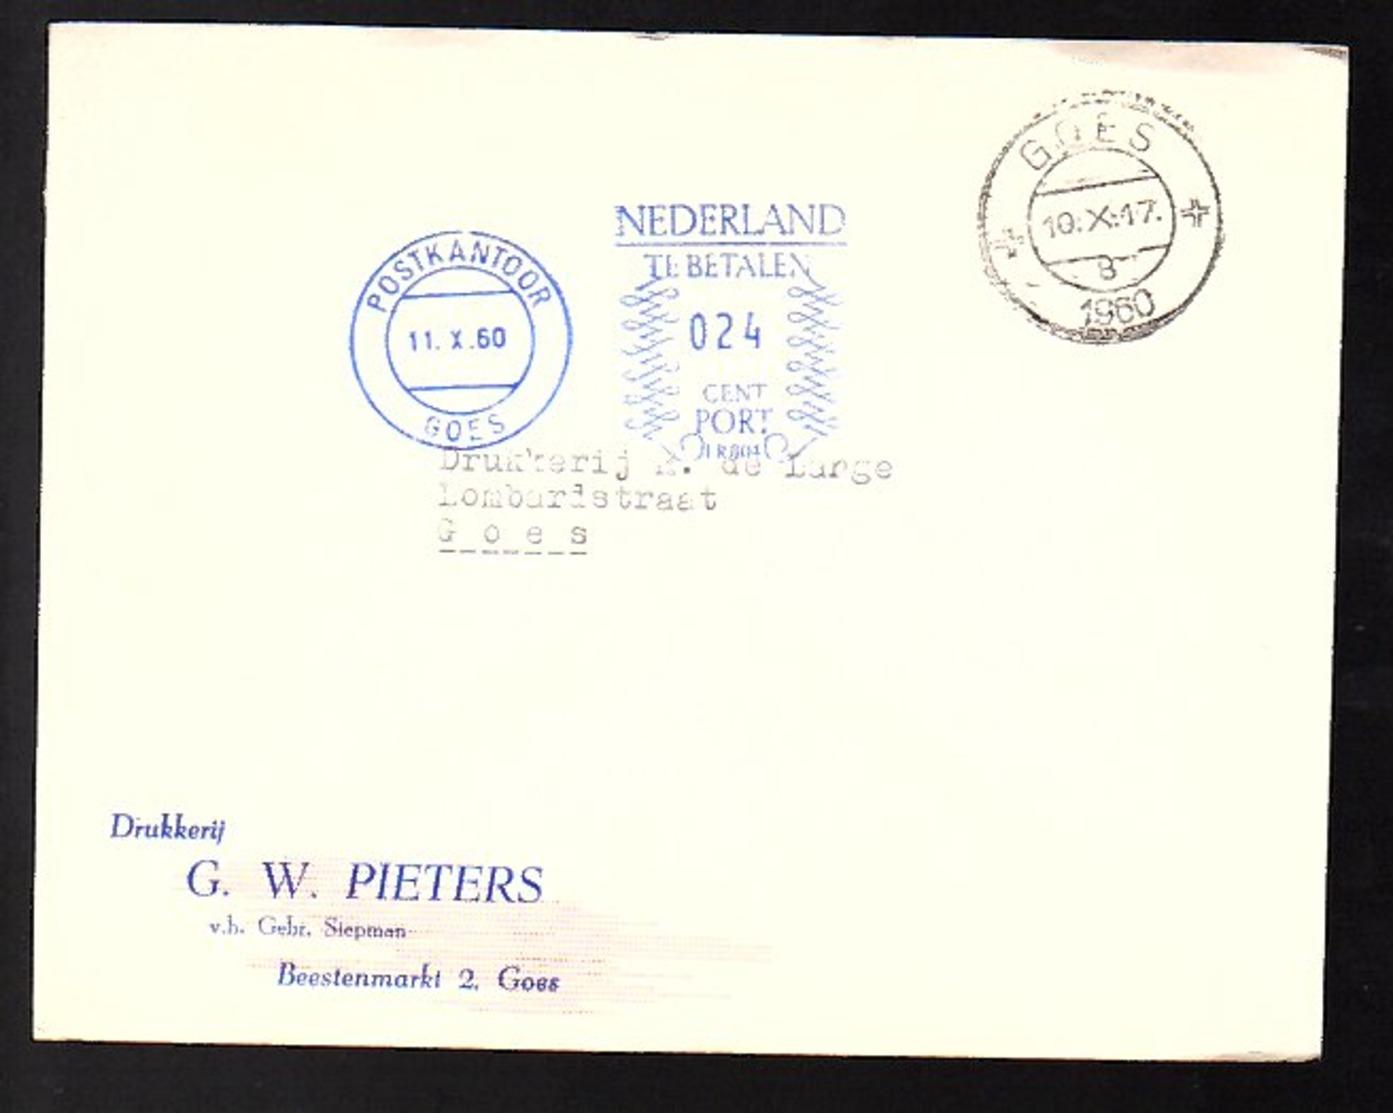 1960 Postage Due Drukkerij G.W. Pieters Stepman Beestenmarkt Goes > Lombardstraat Goes (EV-50) - Postage Due